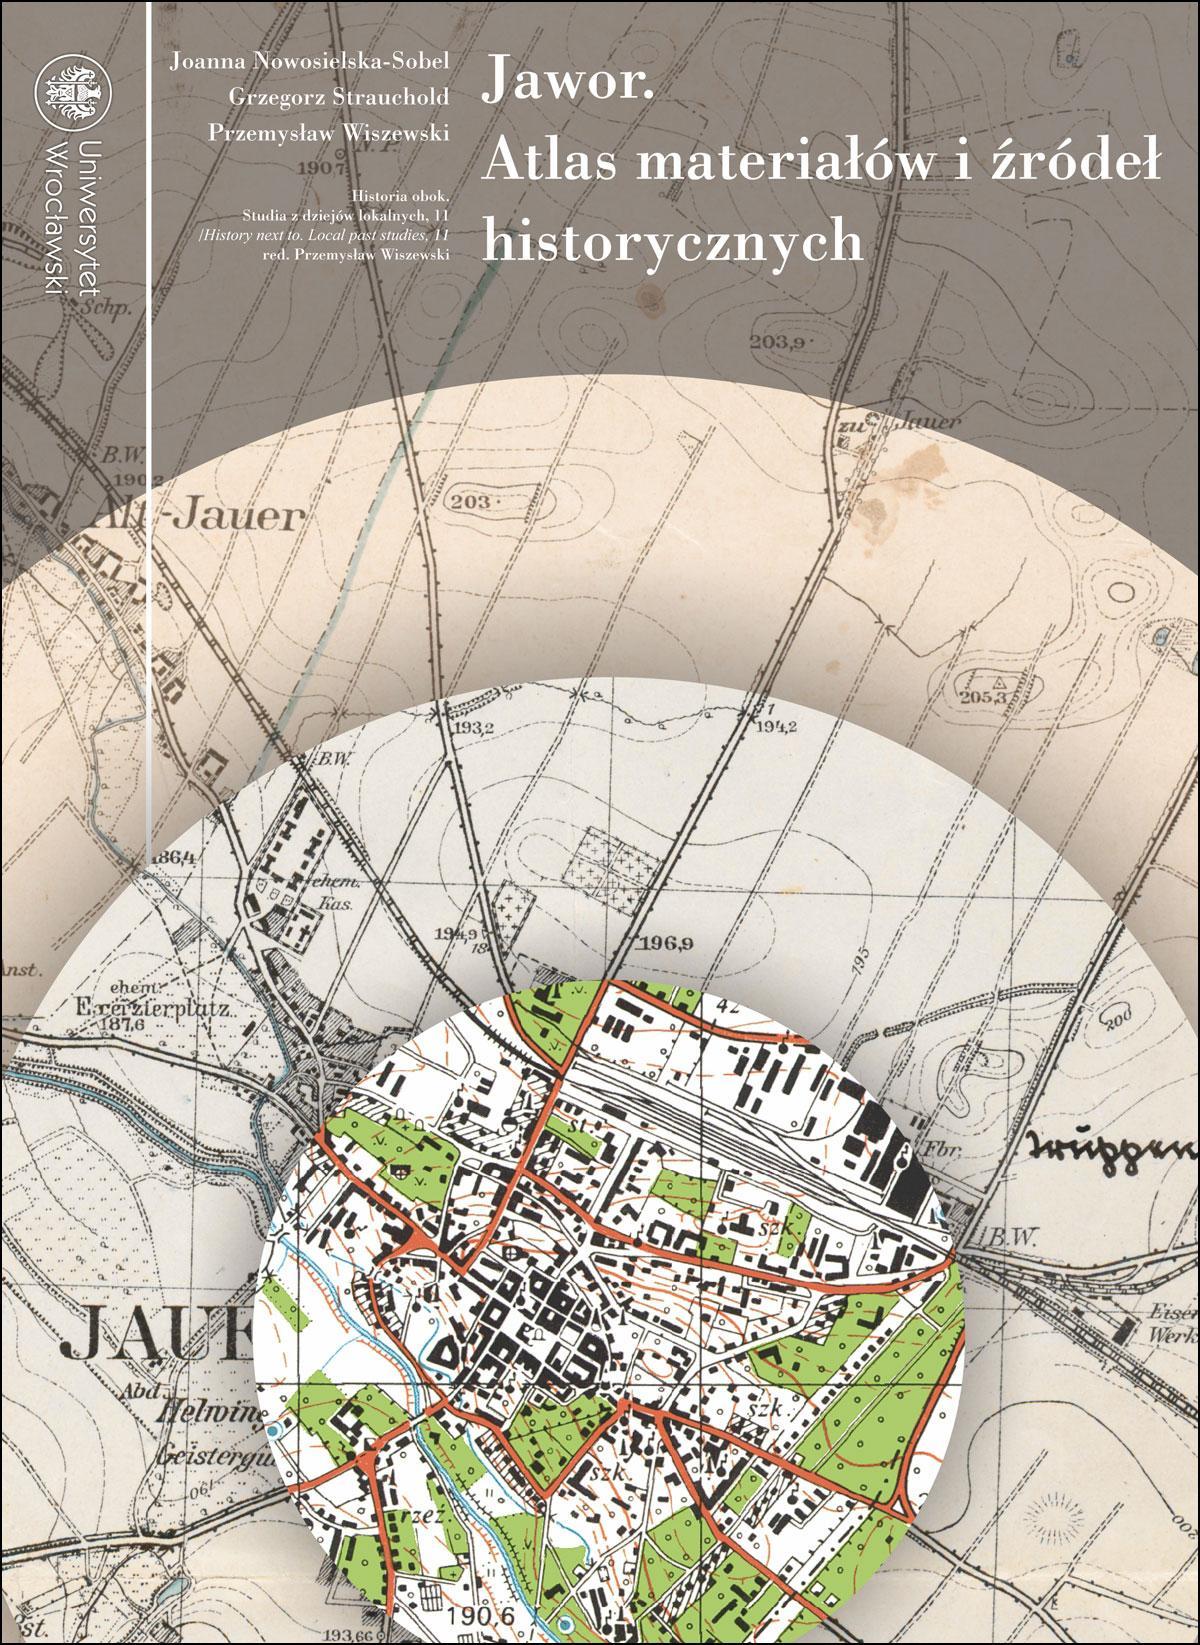 Jawor. Atlas materiałów i źródeł historycznych